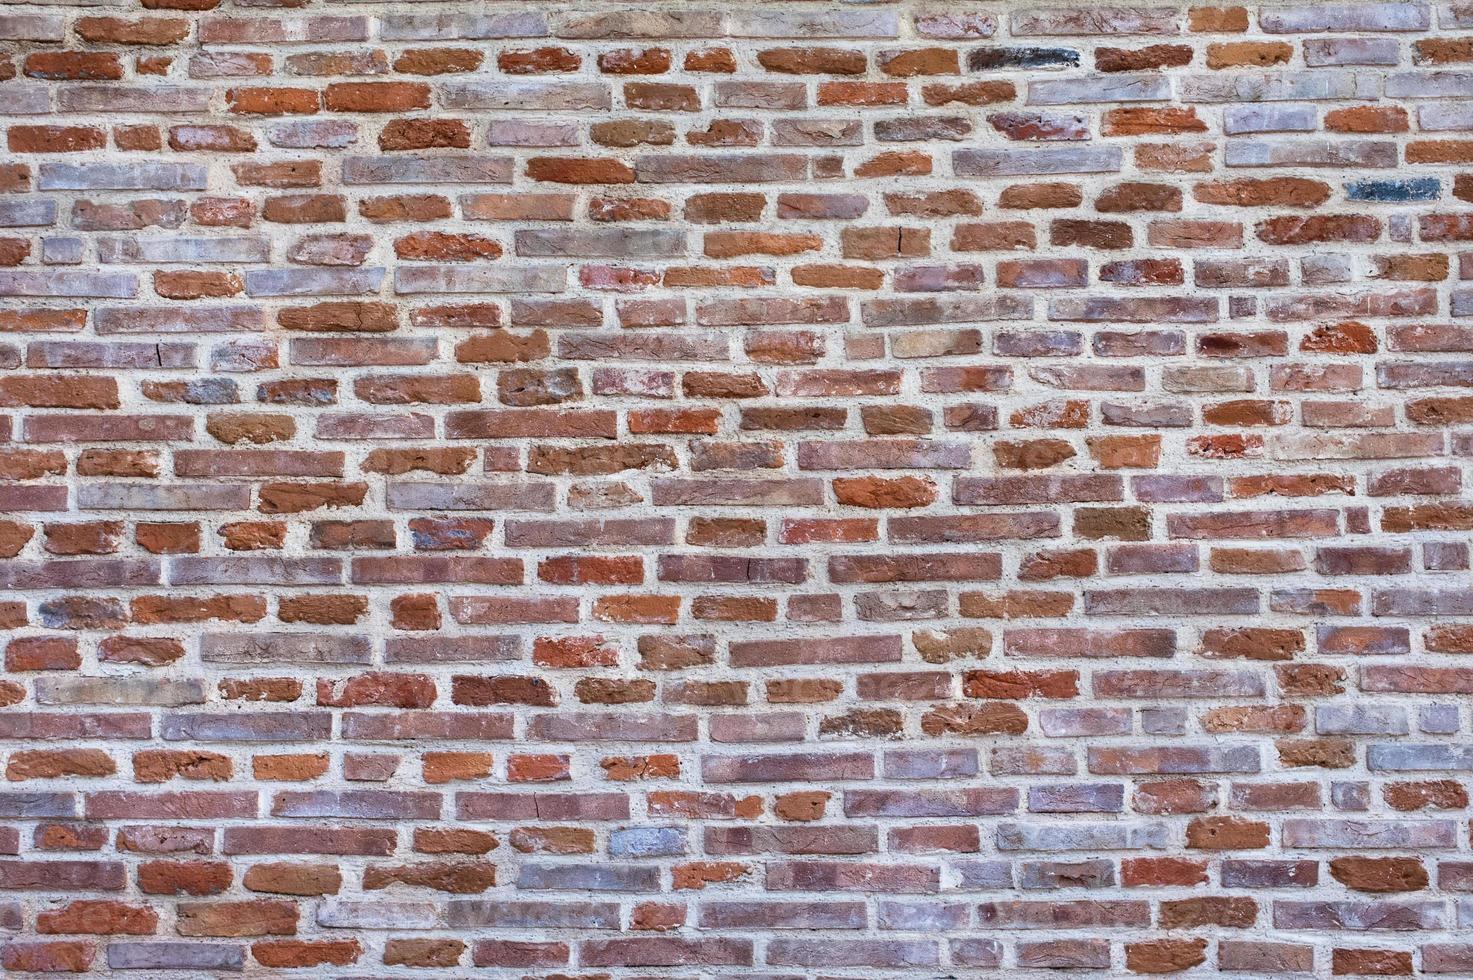 fond de mur de brique. photo